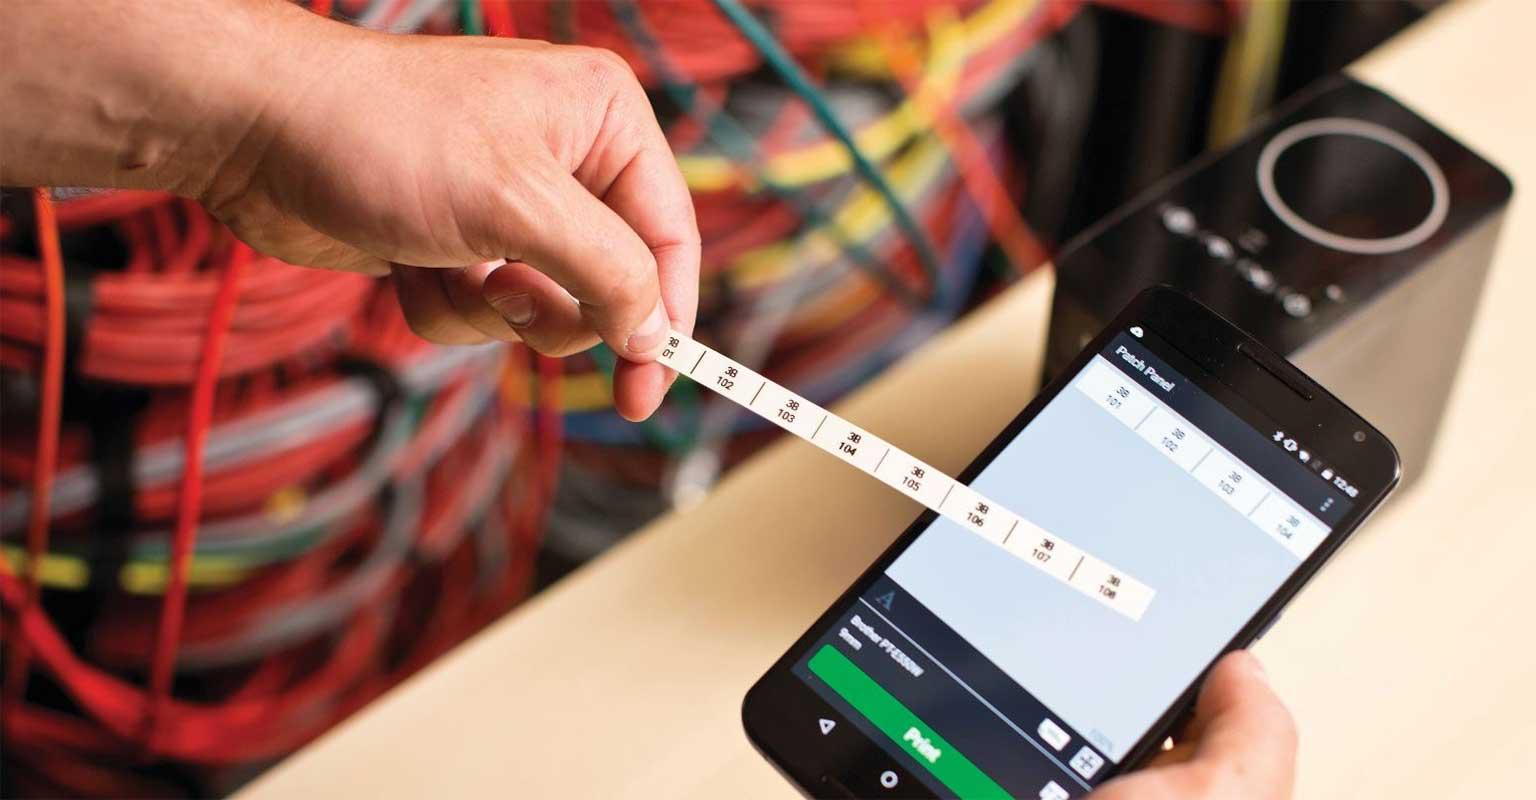 Aplikacija Cable Label Tool kabela na pametnom telefonu s ispisanom naljepnicom Brother P-touch